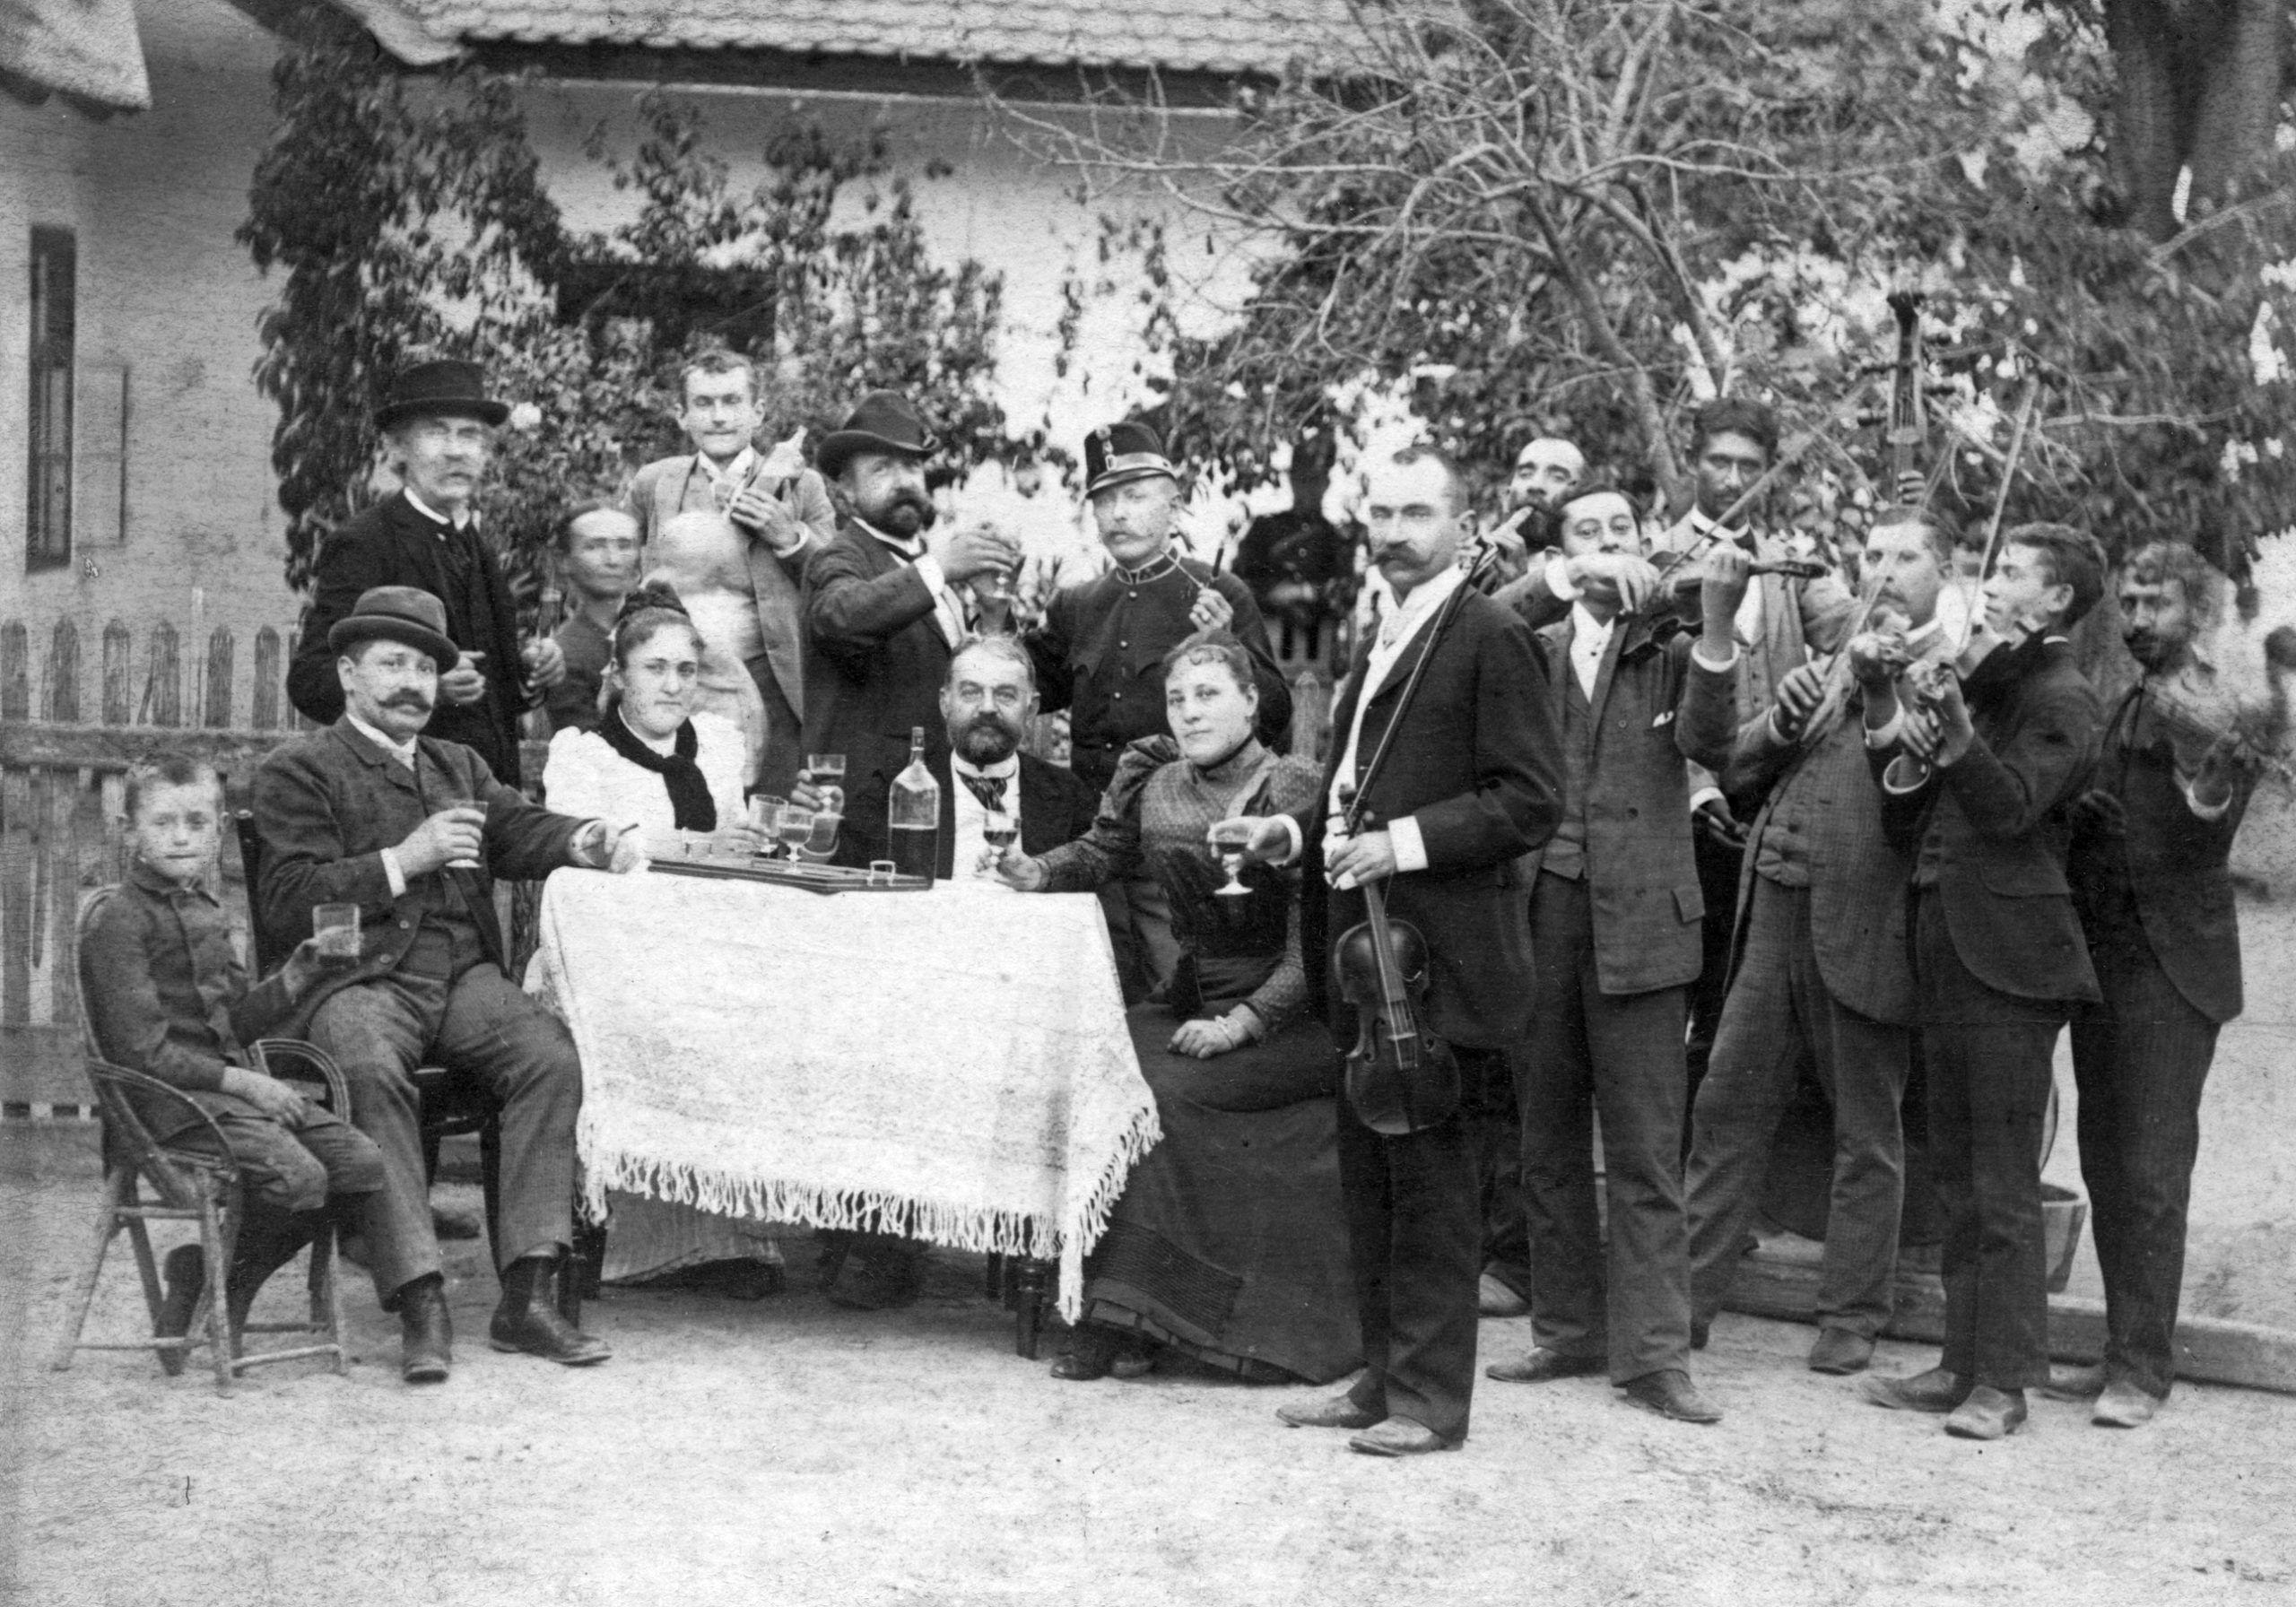 Sírva vagy nem sírva vigadó magyarok (fotó: Fortepan/GGAABBOO)